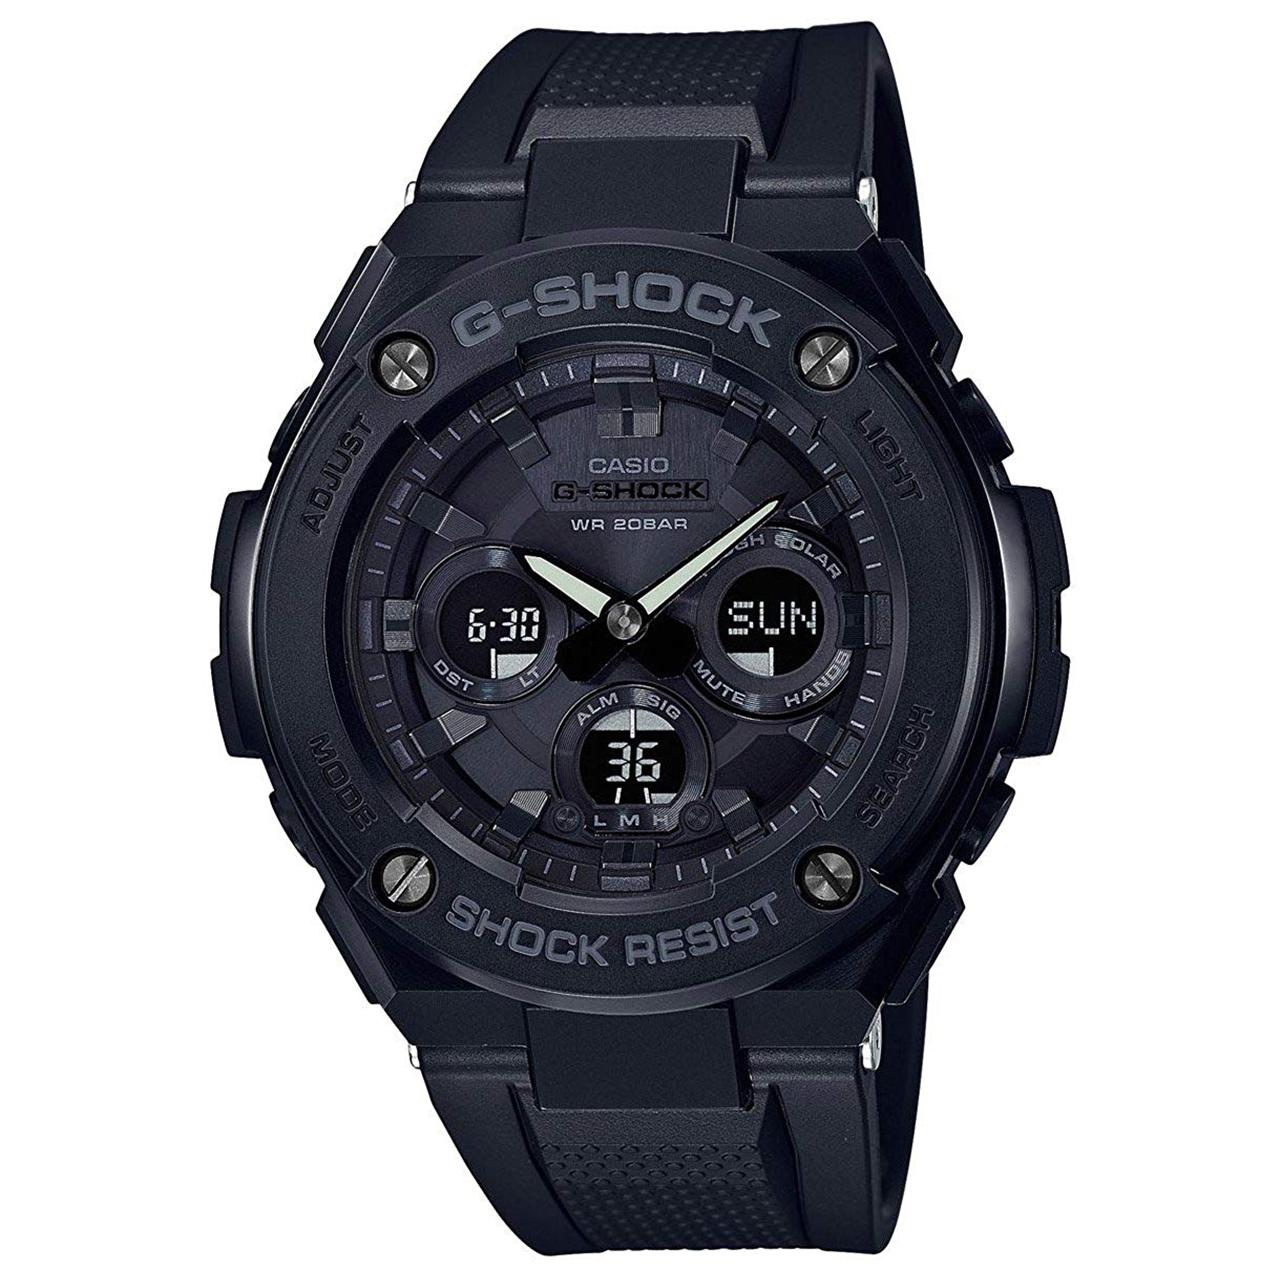 ساعت مچی عقربه ای مردانه کاسیو مدل GST-S300G-1A1DR